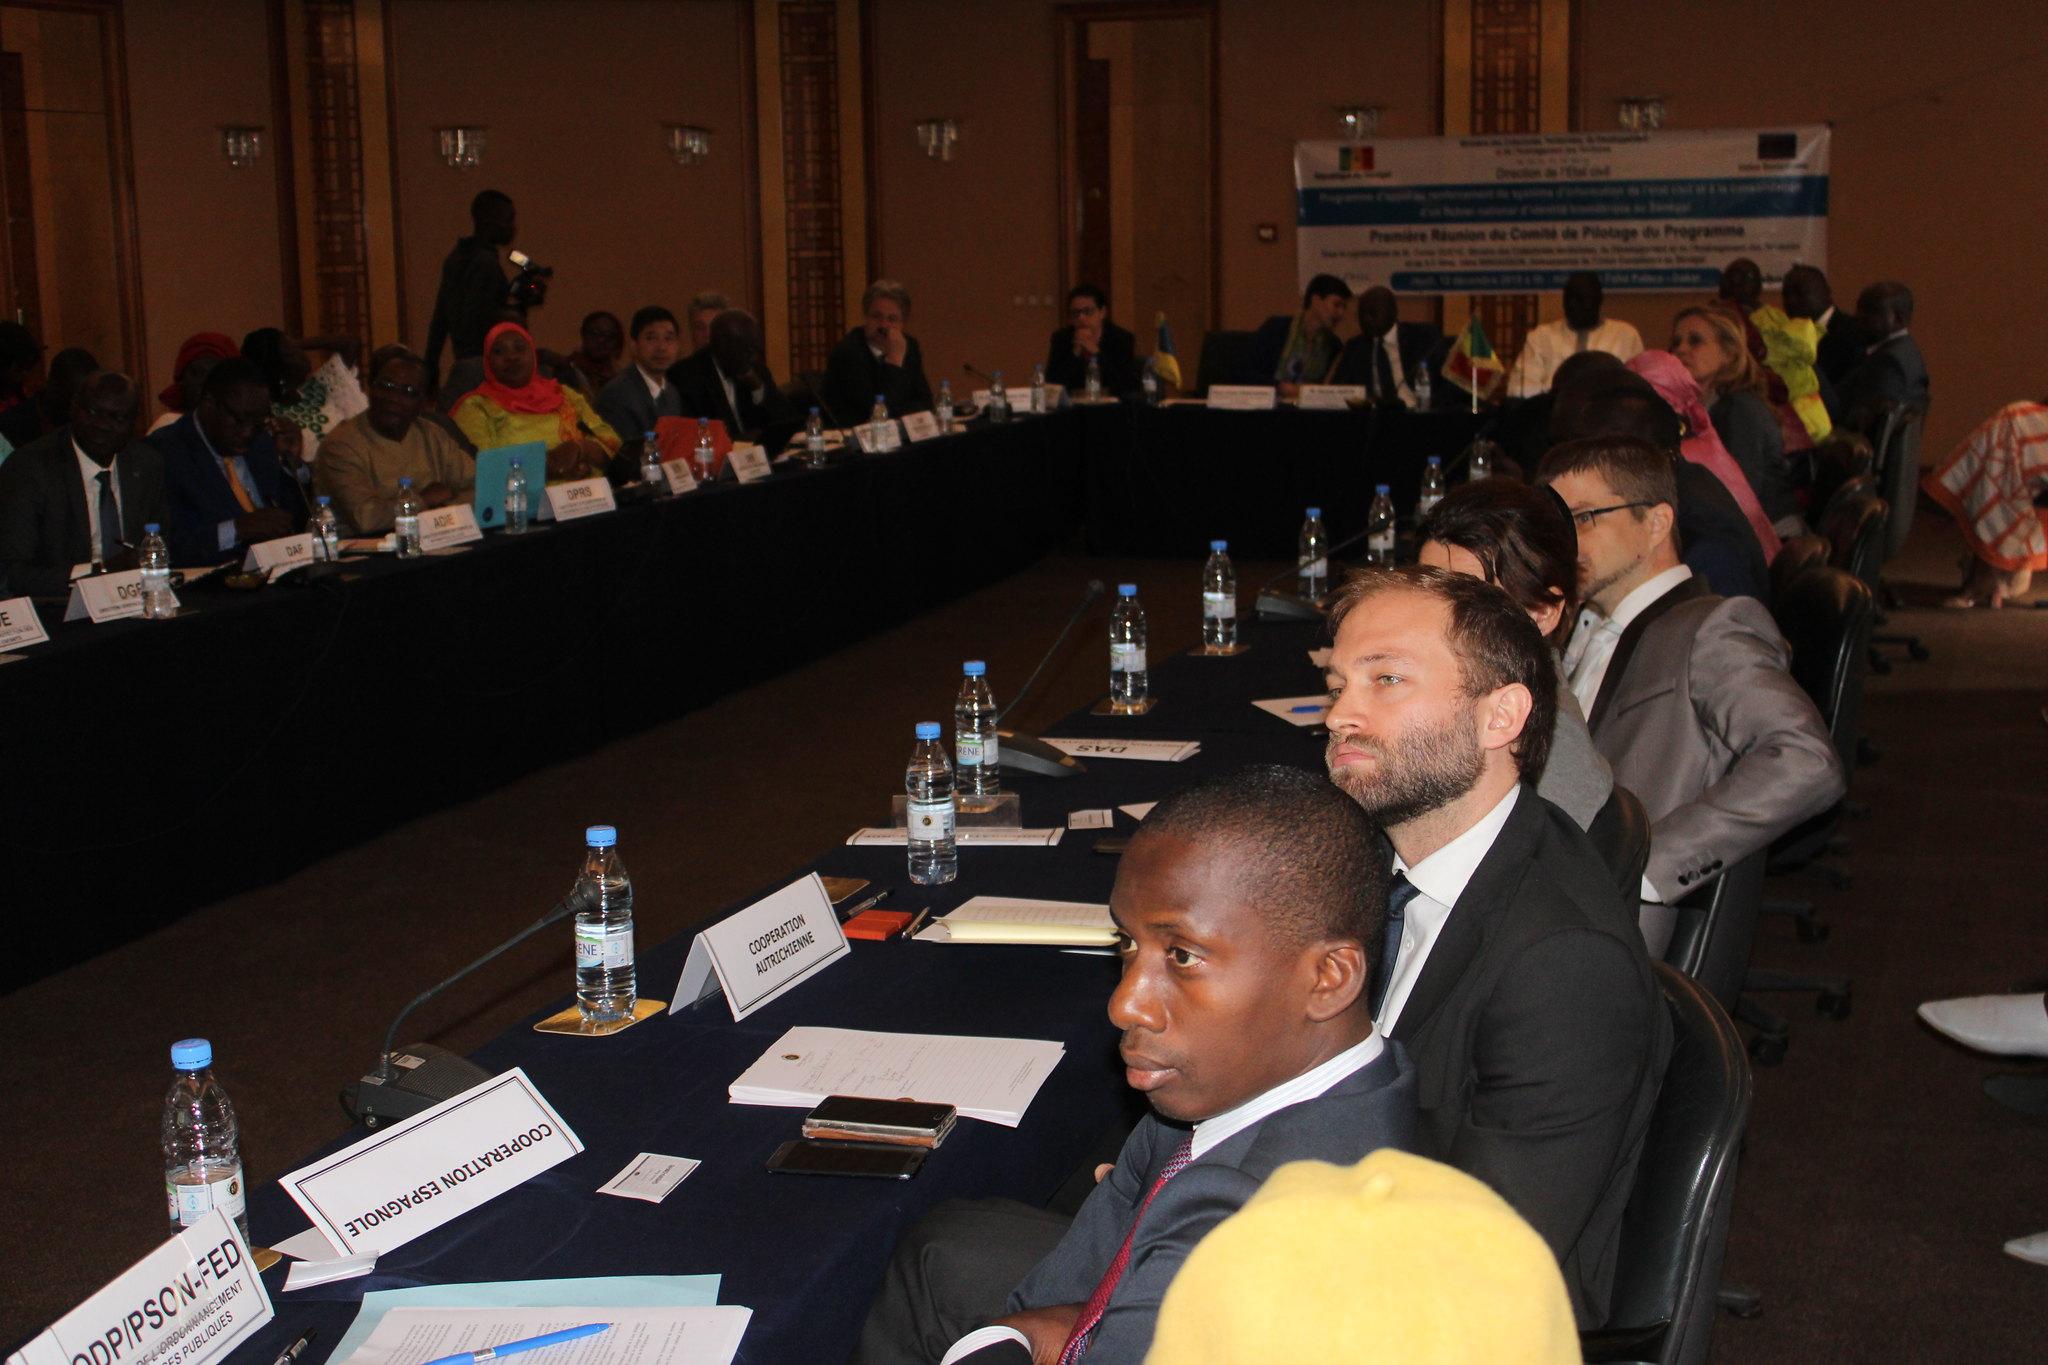 Programme Direction Etat Civil, Modernisation de l'Etat Civil au Sénégal, Aliou Ousmane Sall Directeur de l'Etat Civil Sénégal (8)